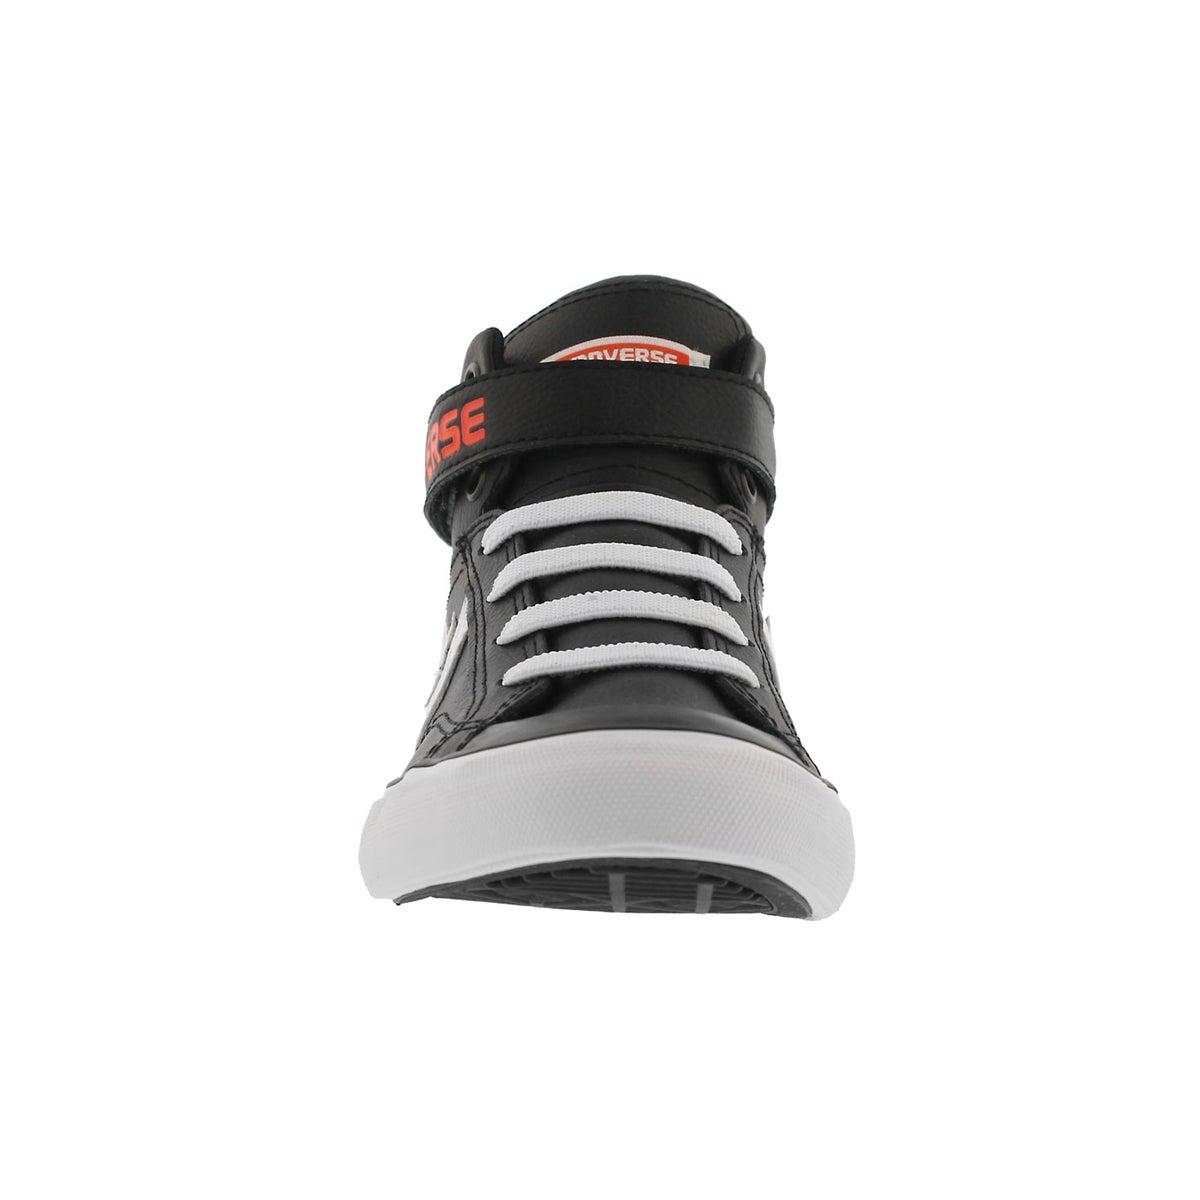 Bys Pro Blaze Hi blk/wht/red sneaker